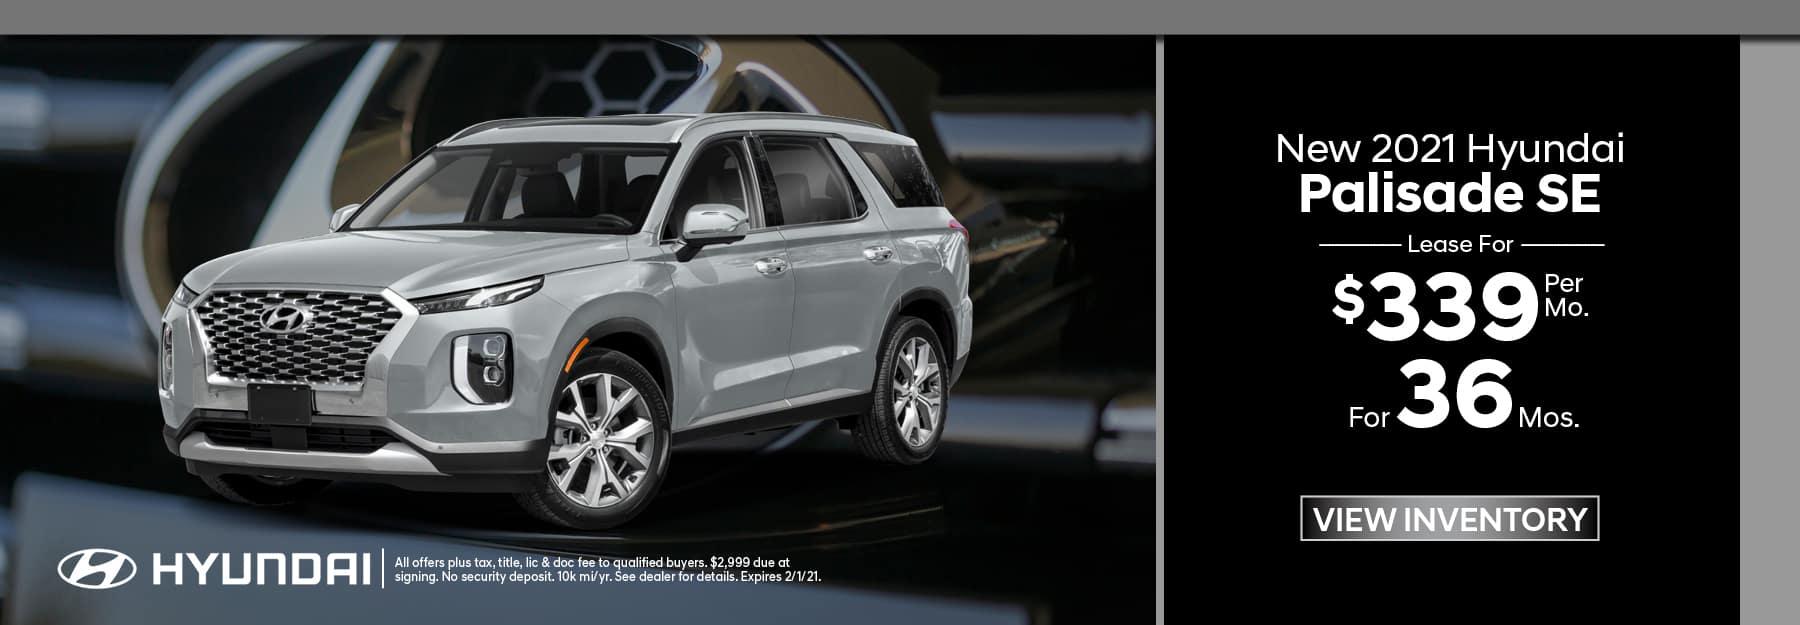 New 2021 Hyundai Palisade